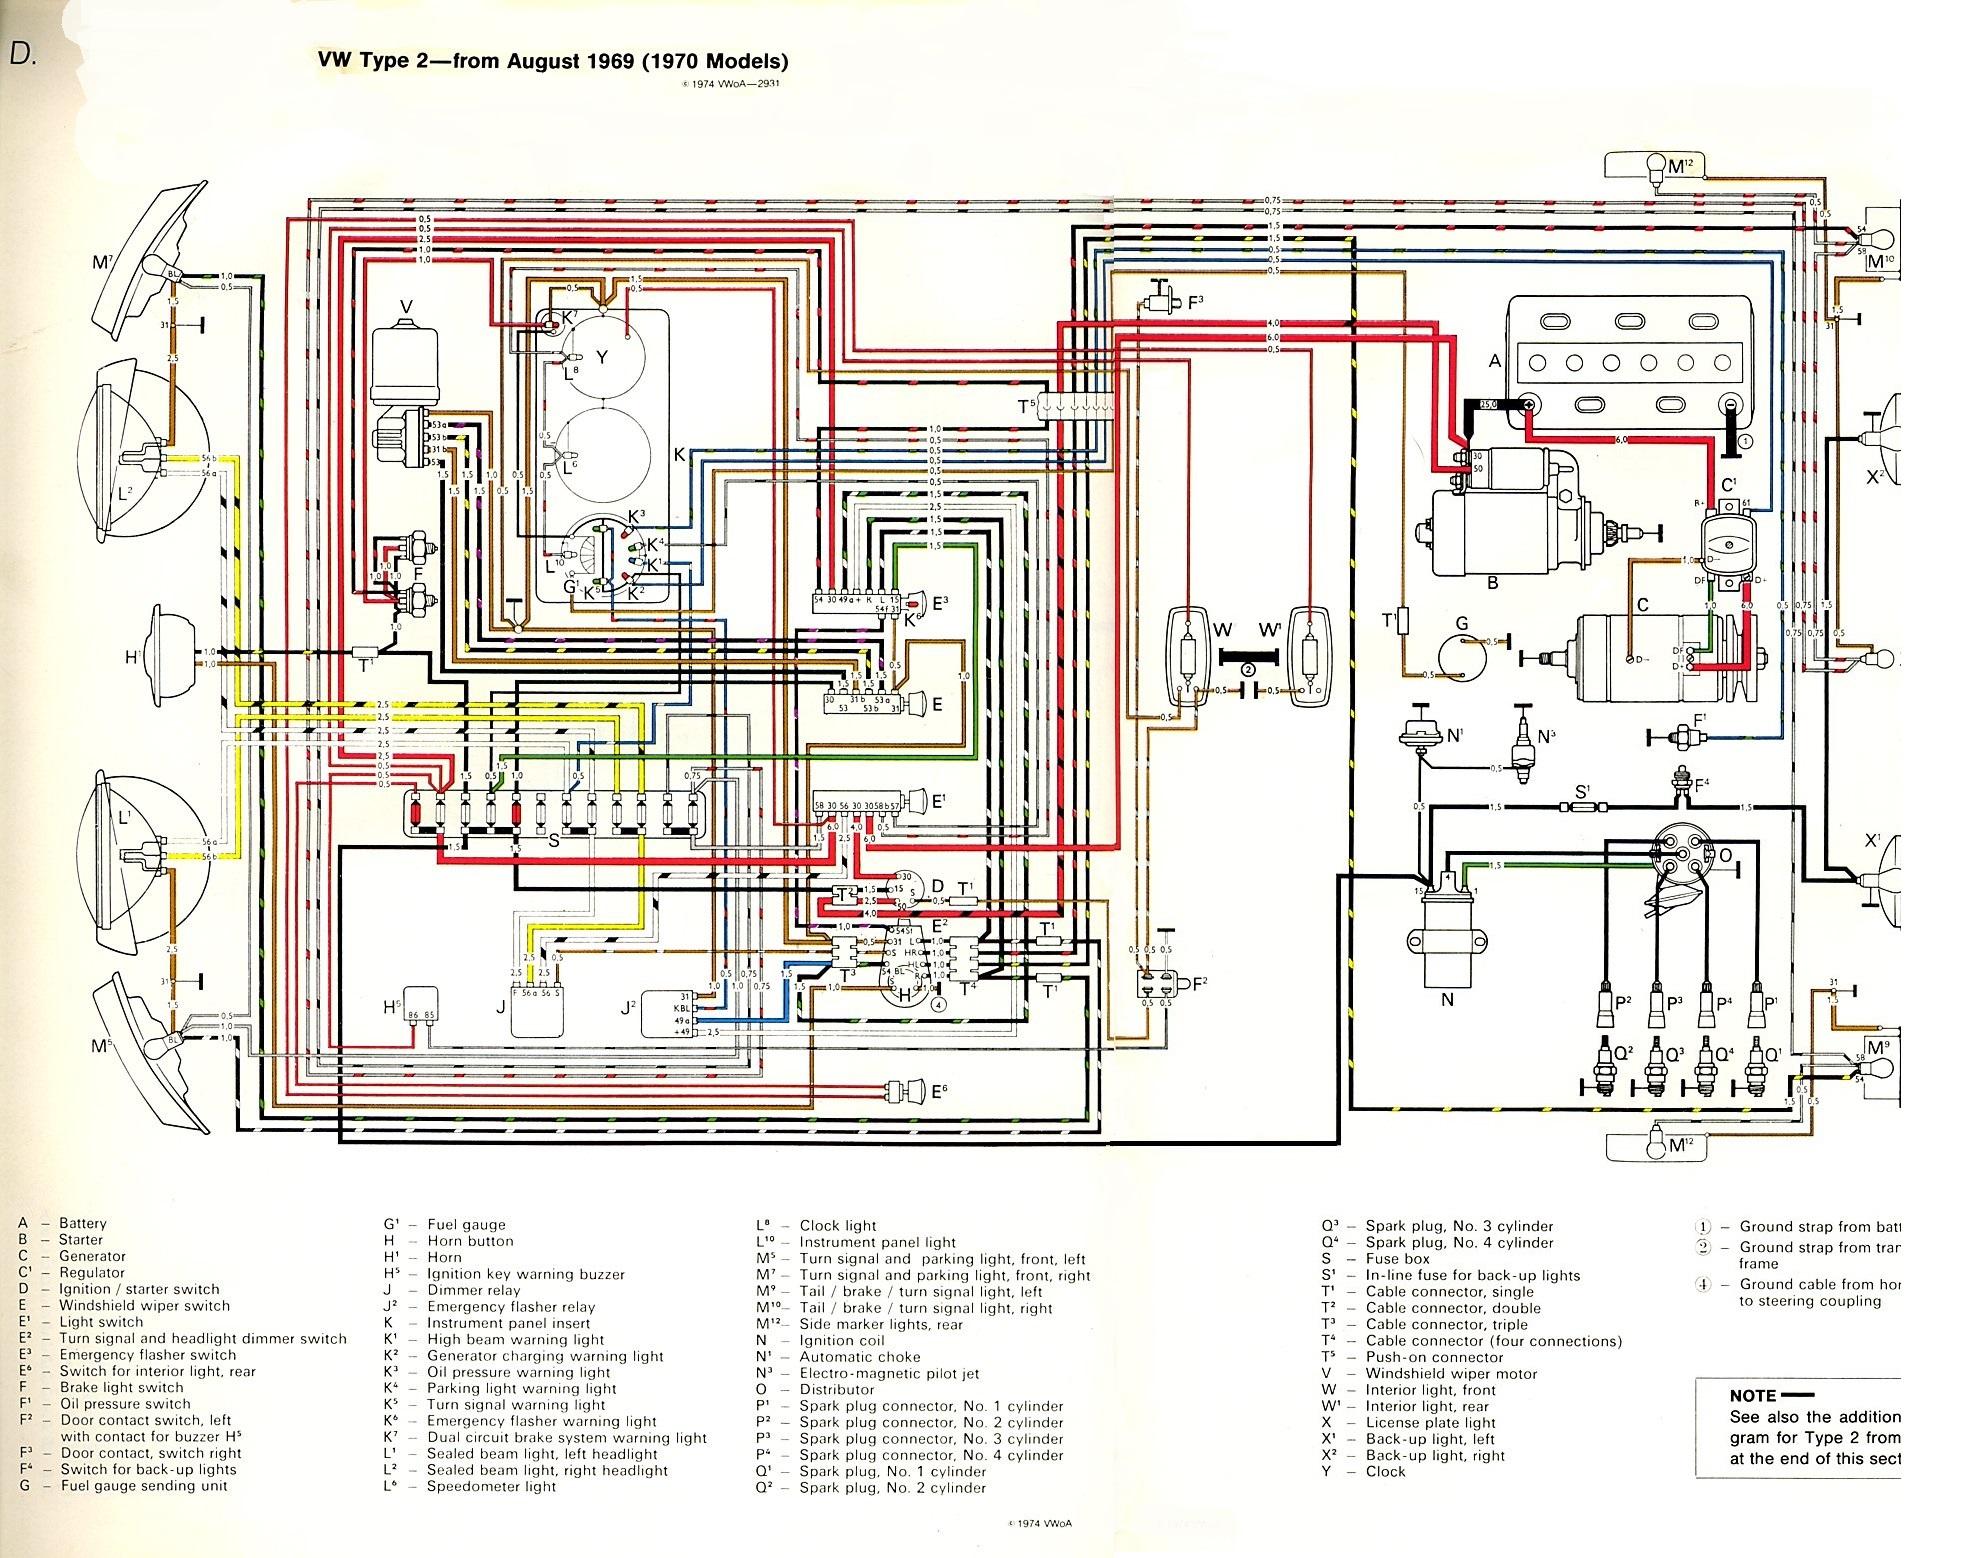 70 mustang wiring diagram